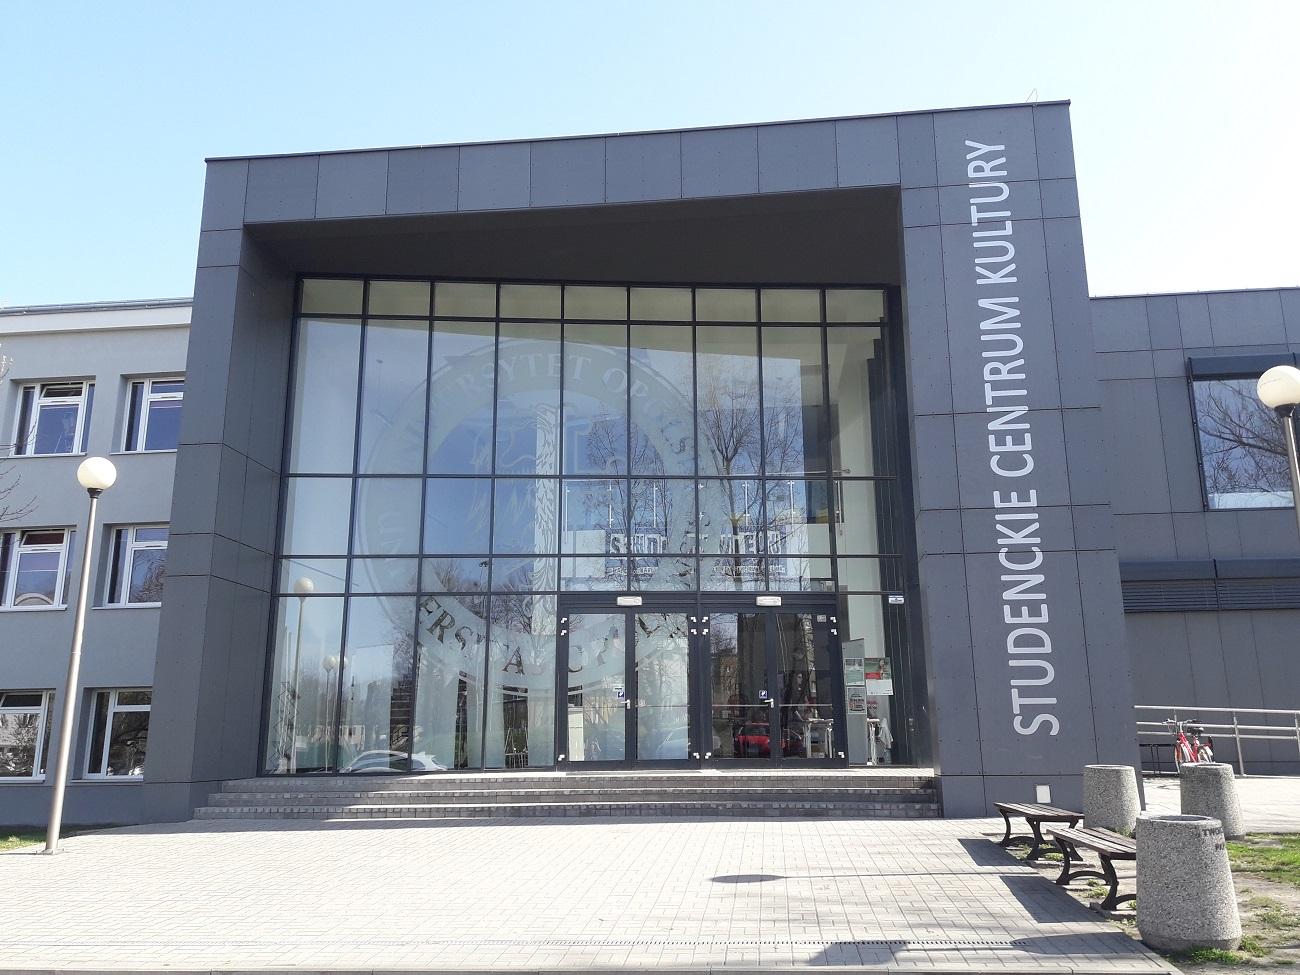 9c67a8d0 Prelekcje, warsztaty i networking w Studenckim Centrum Kultury w Opolu.  Trwa przedsiębiorczy Festiwal BOSS [fot. Wiktoria Palarczyk]